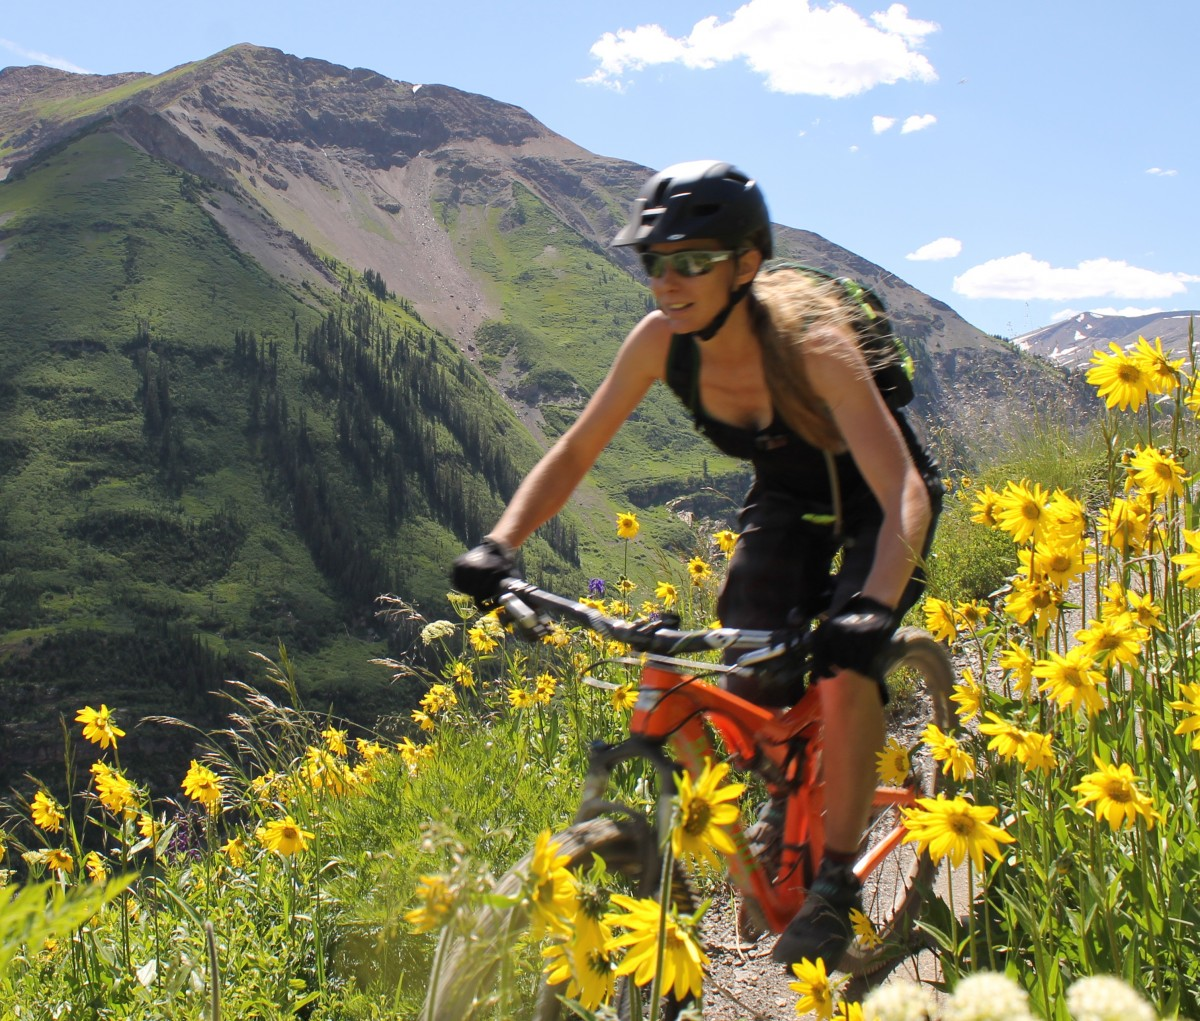 Rider: Mary S.